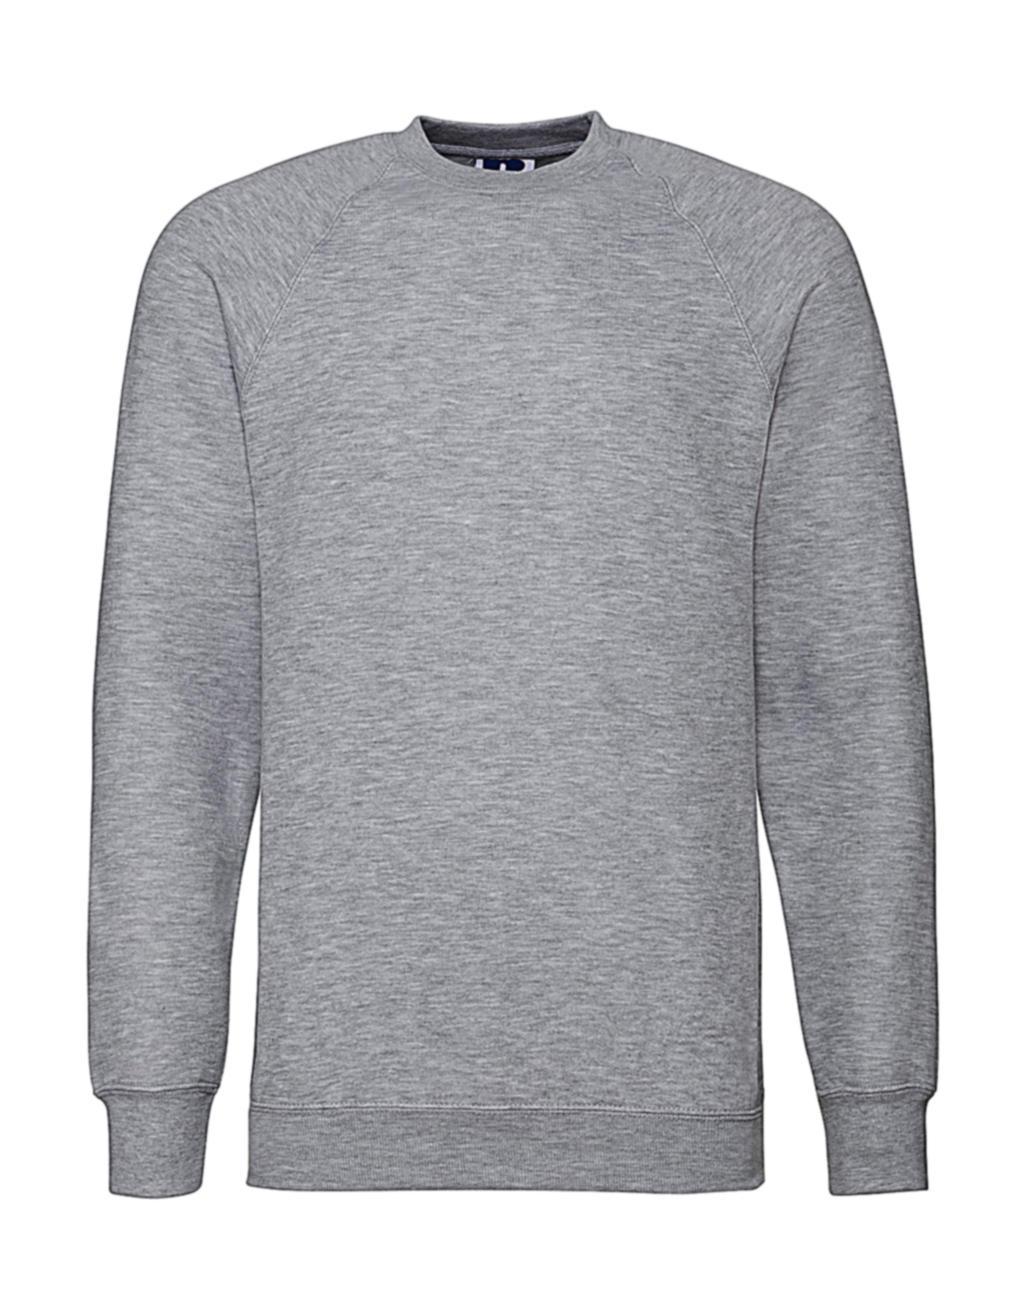 8403c59300b103 T-Shirt